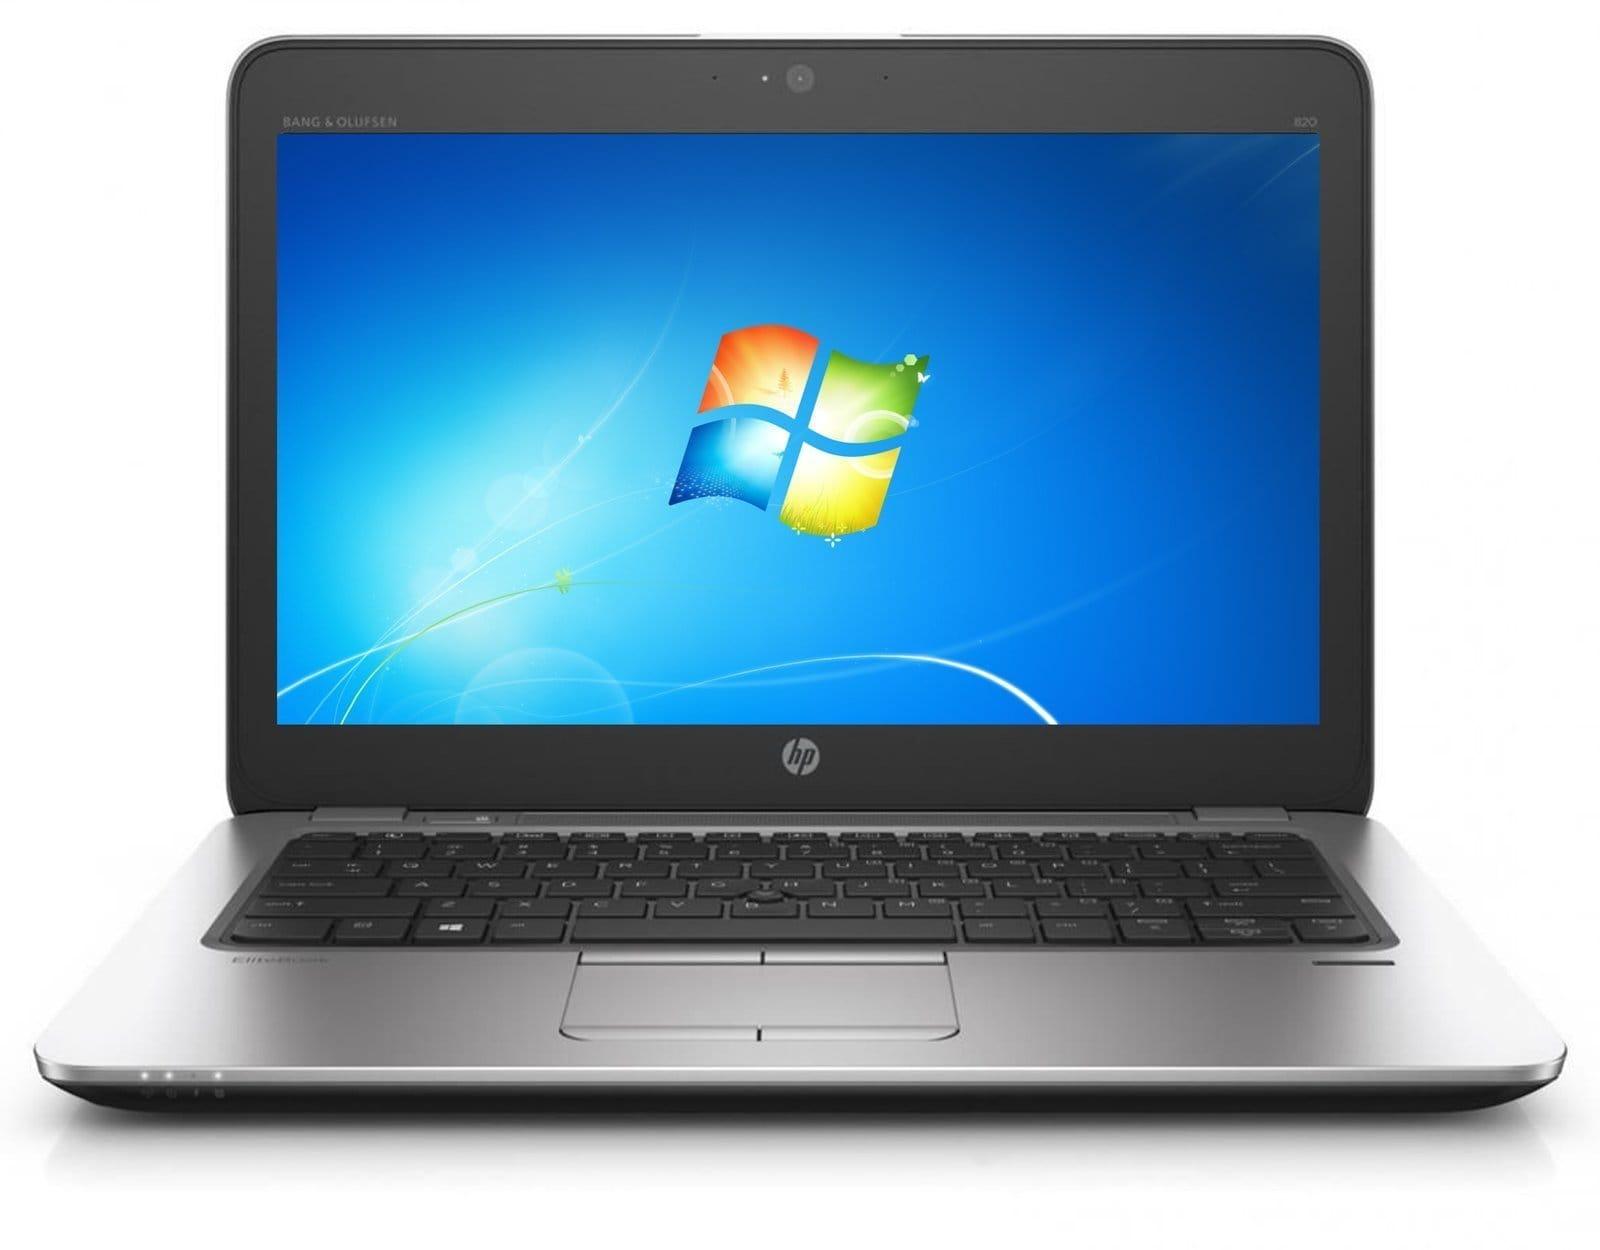 Laptop HP EliteBook 840 G3 i7 - 6 generacji / 8 GB / 480 GB SSD / 14 FullHD DOTYK / Klasa A- - 1